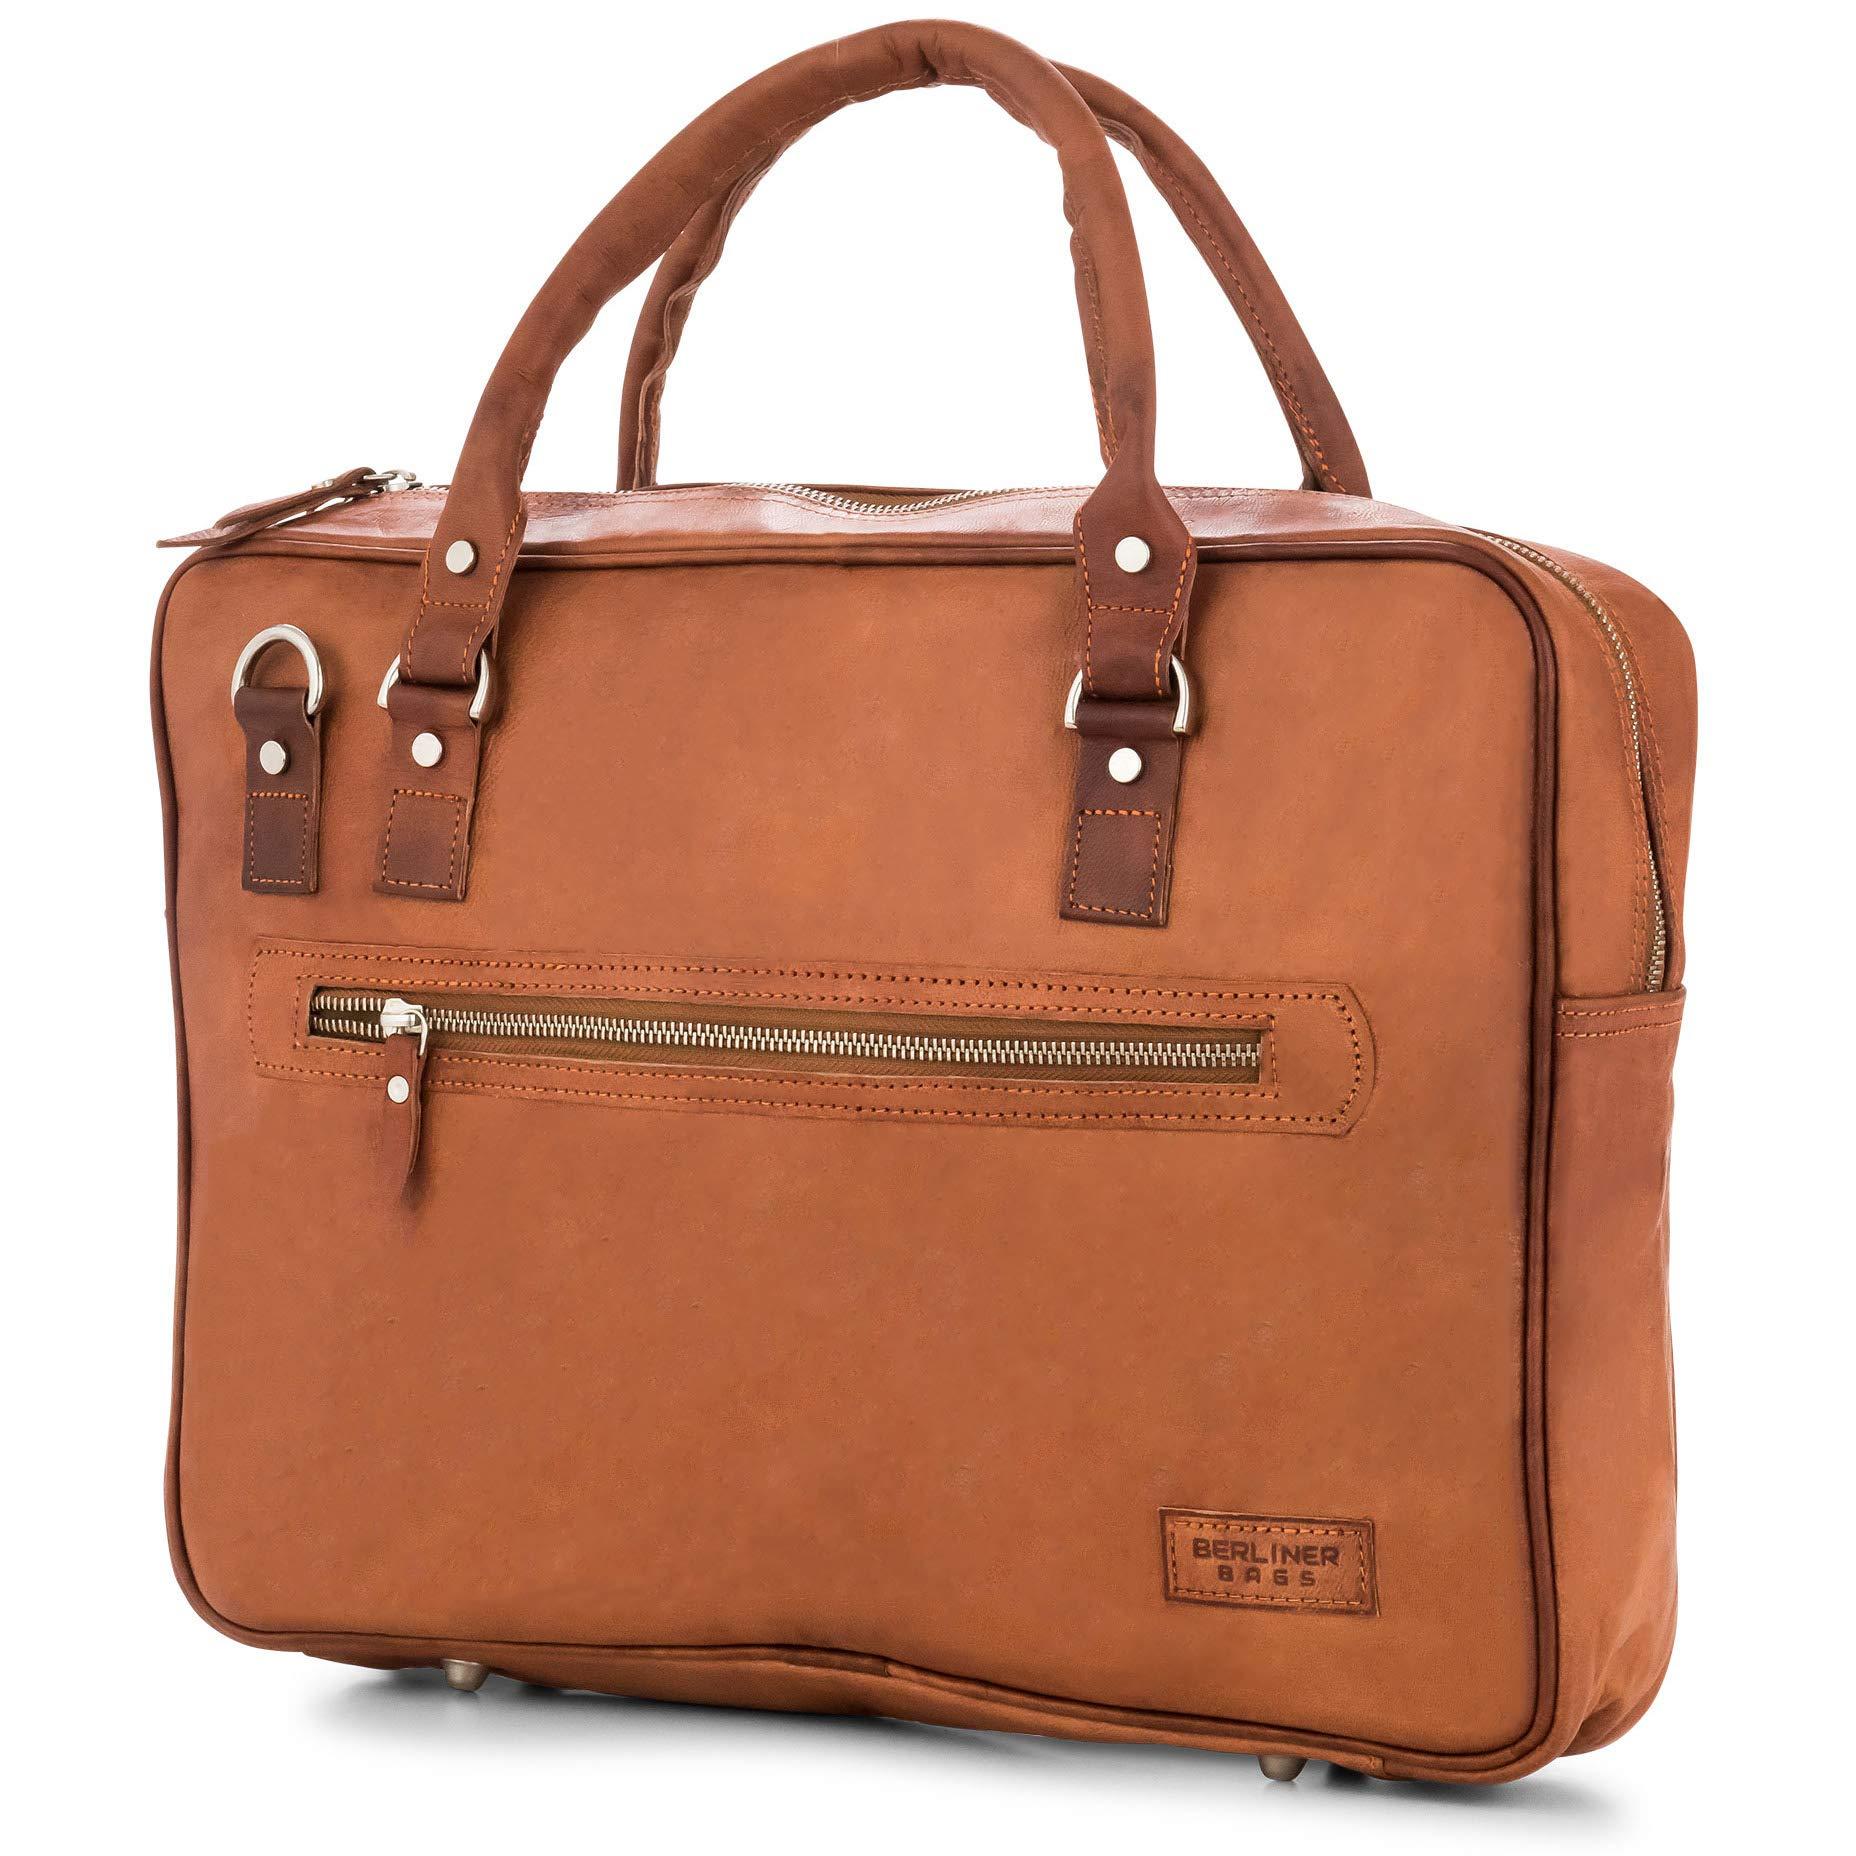 afffbafb2808e Laptoptasche Berliner Bags Madrid Leder 15 Zoll Aktentasche Businesstasche  Umhängetasche Handtasche Vintage Braun Herren Damen